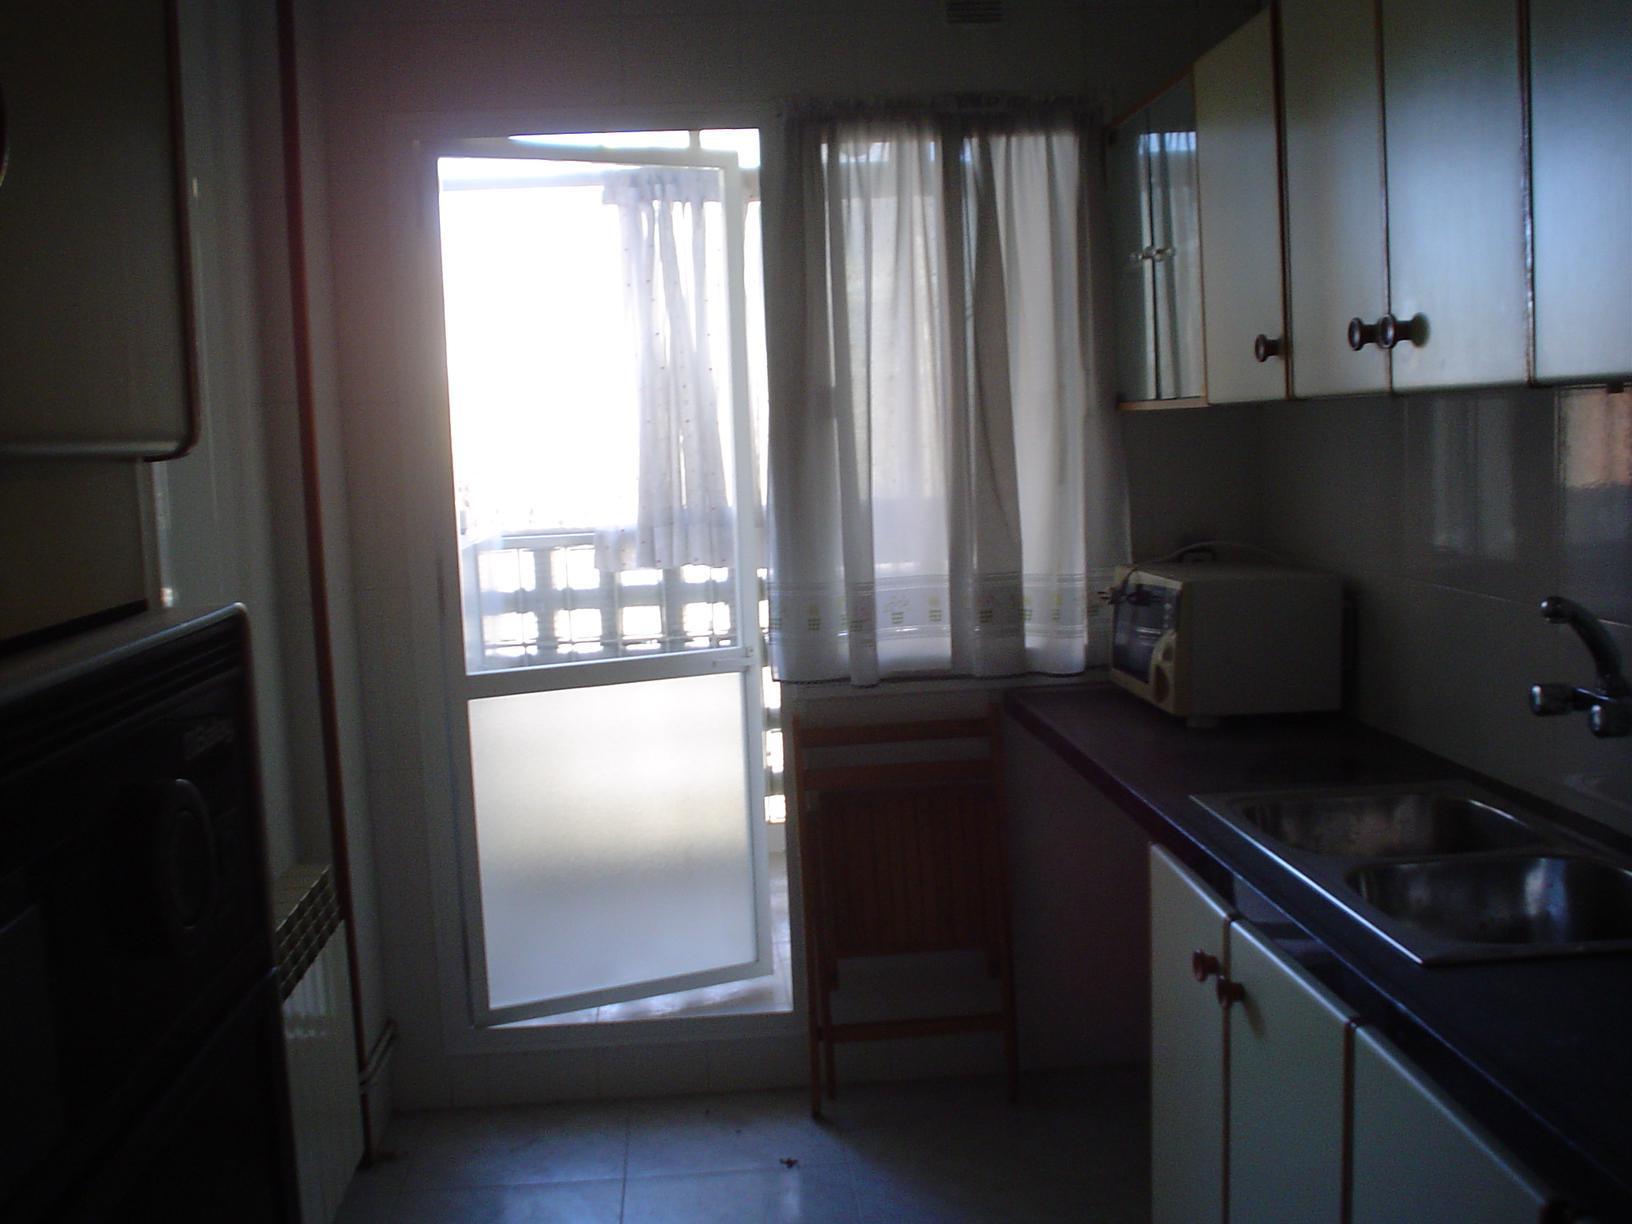 152321 - Manresa- La Balconada